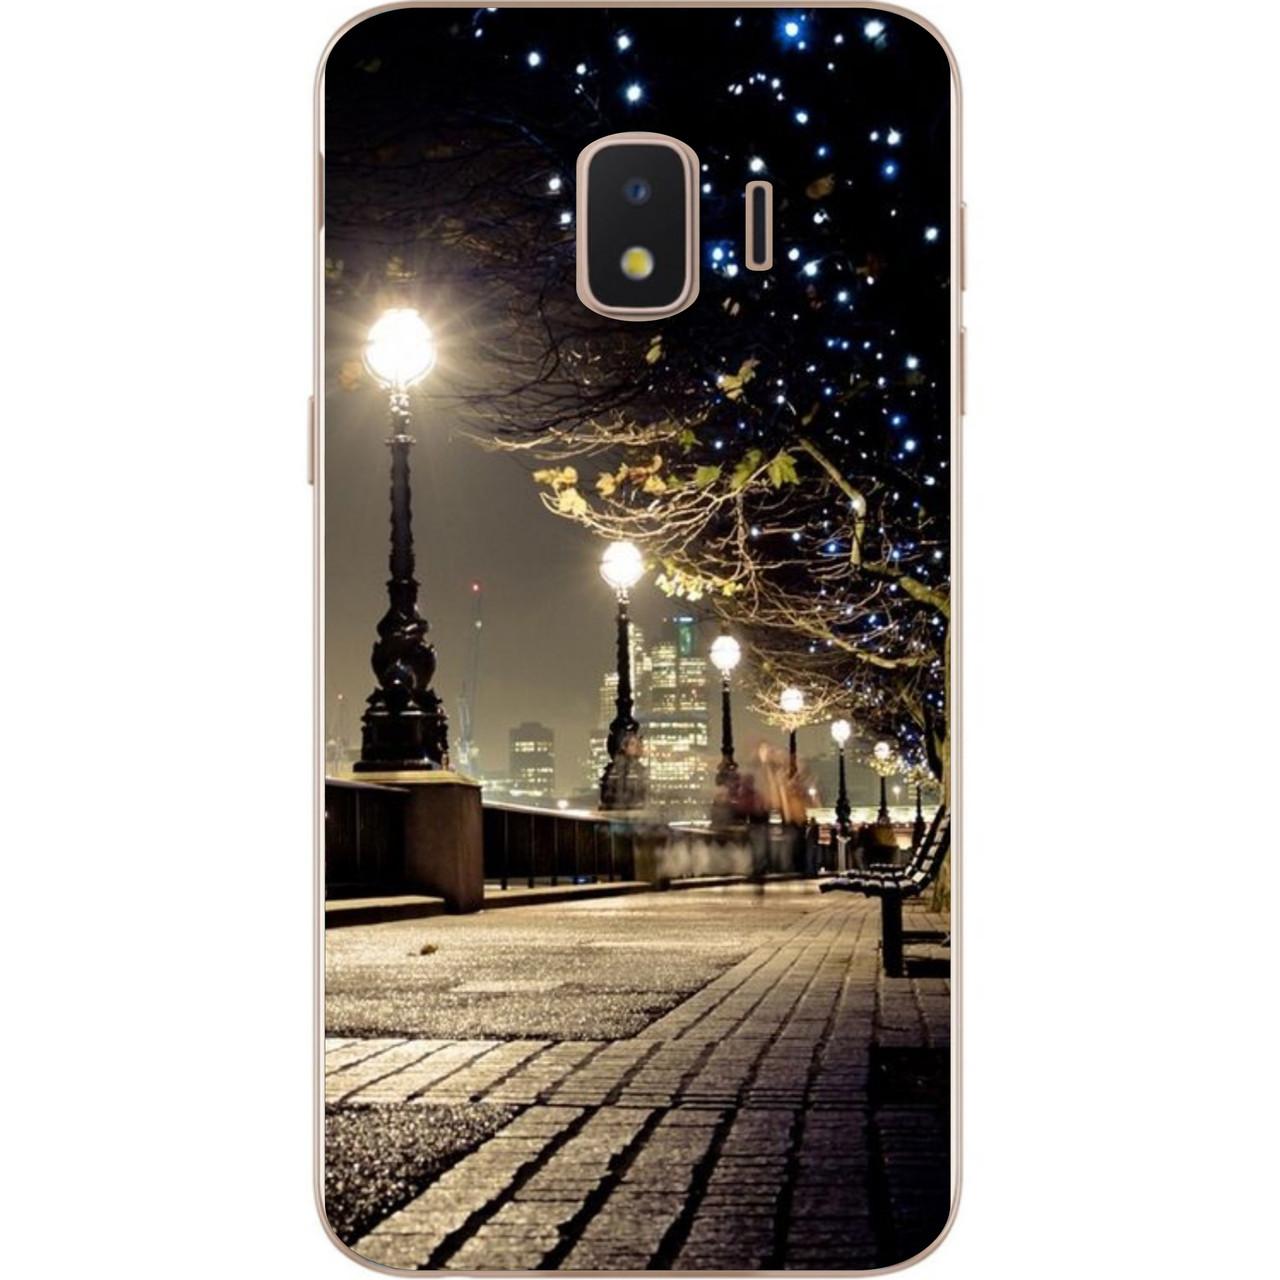 Силиконовый чехол с рисунком для Samsung J2 Core Galaxy 2018 с картинкой Улица